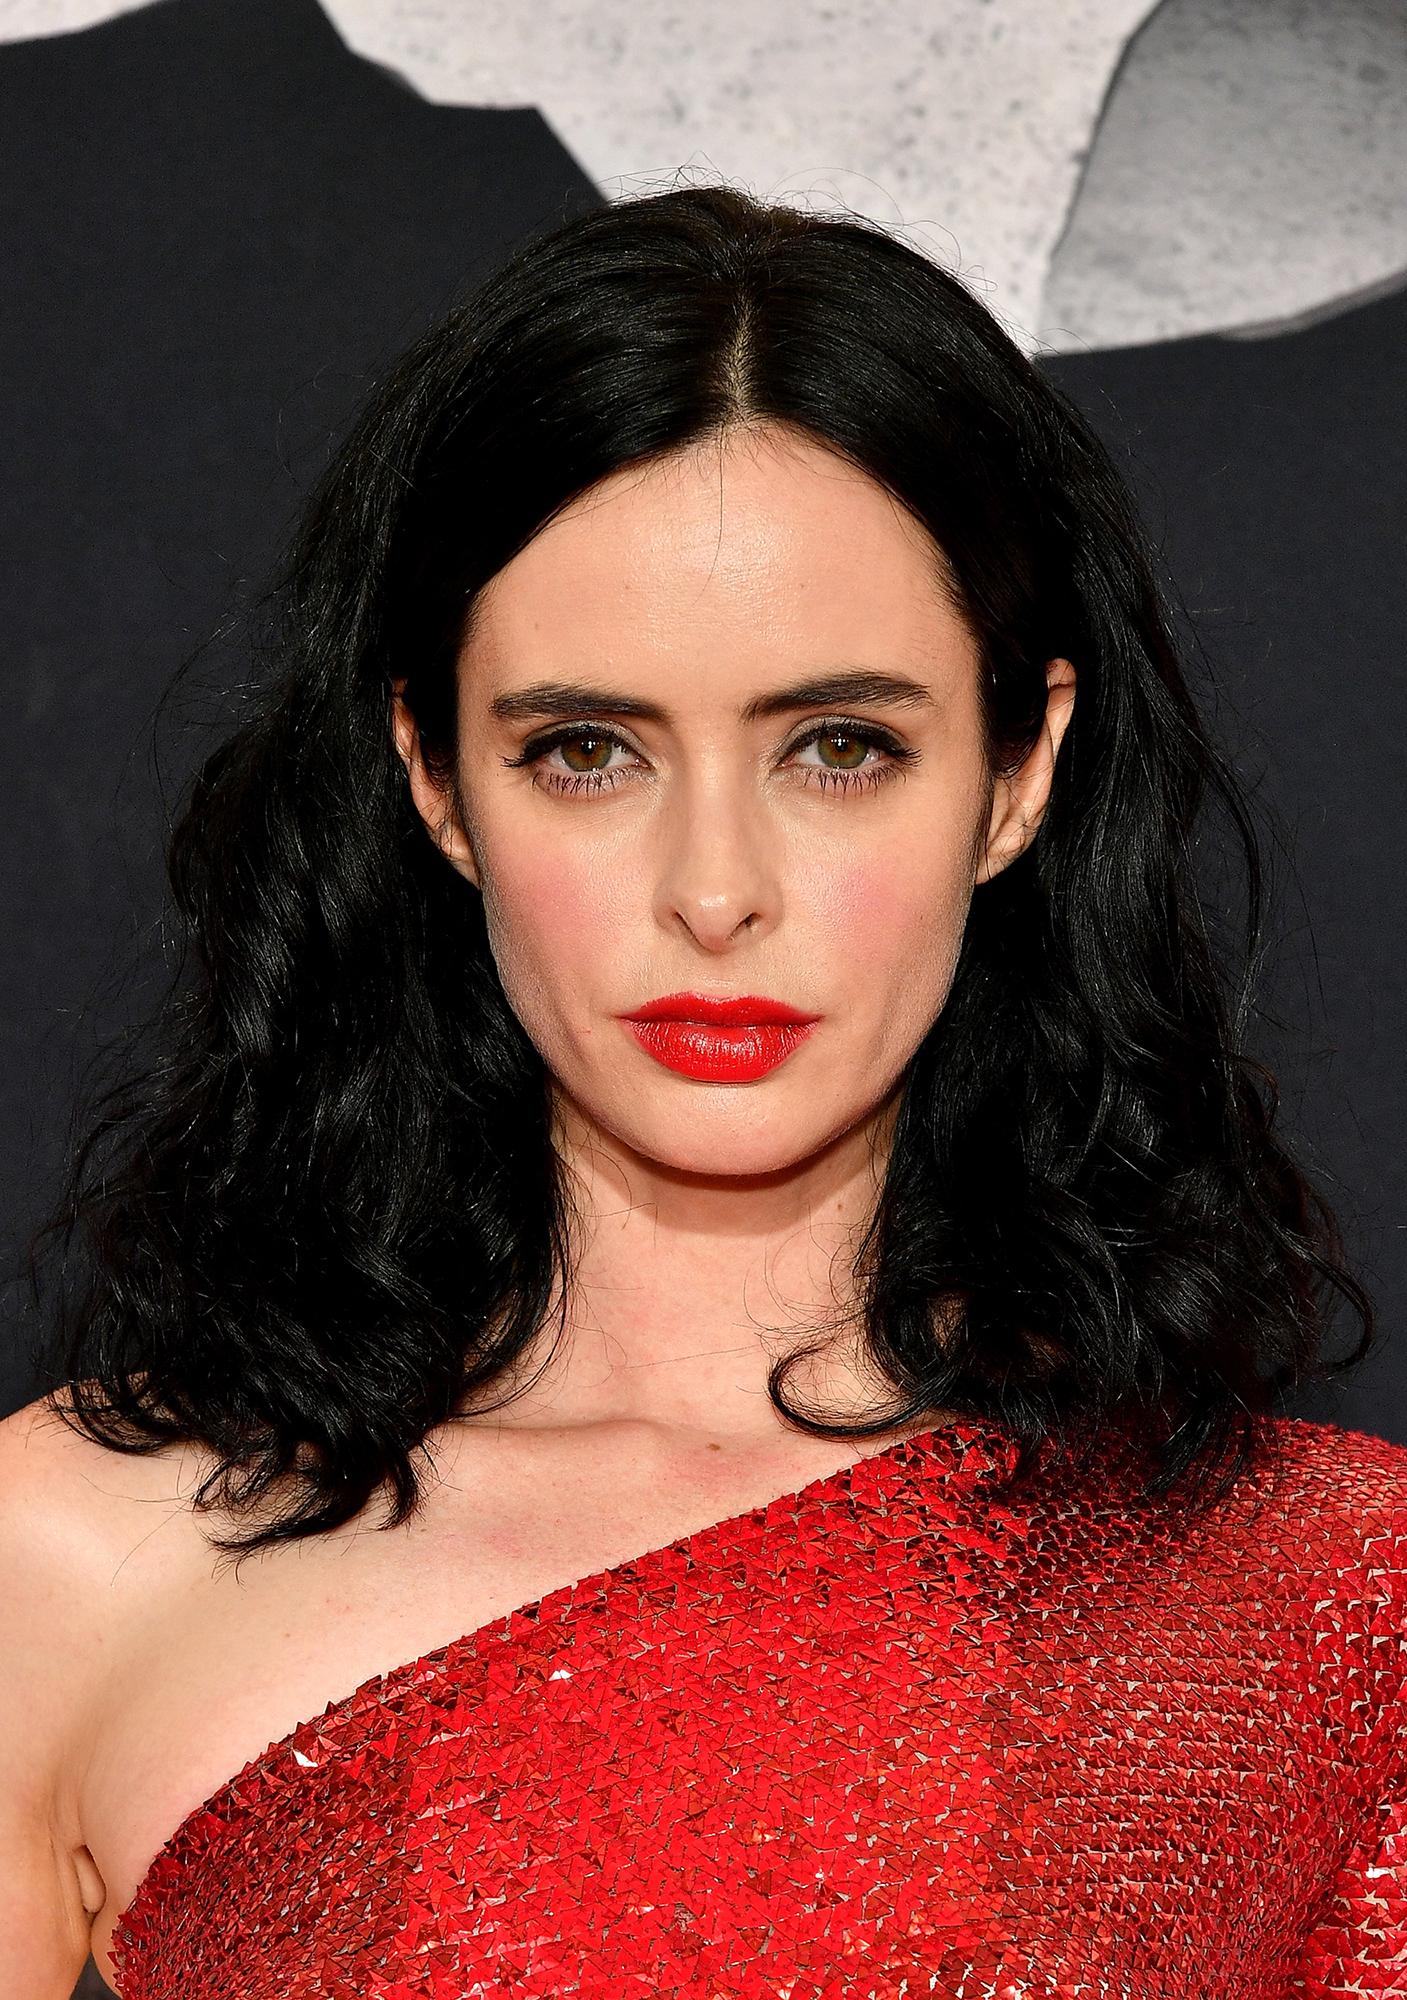 38b28f8dee Confira 10 ideias de maquiagem para usar com vestido vermelho - Tudo ...